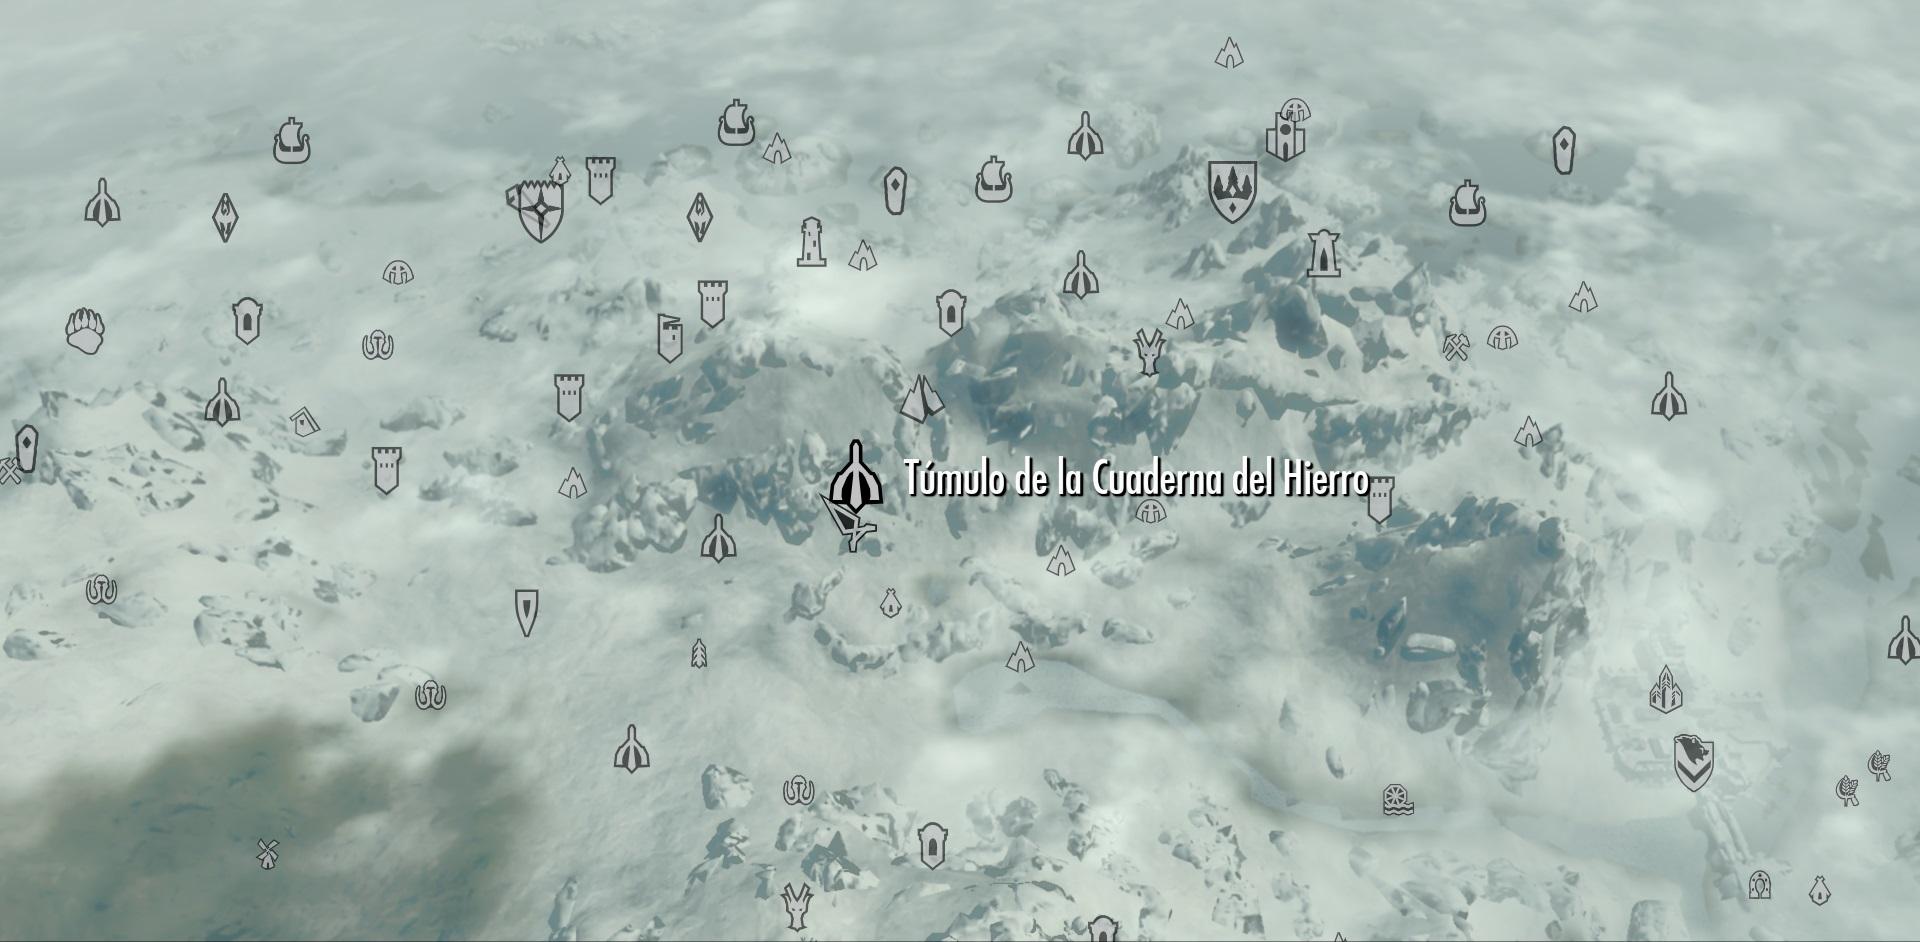 Túmulo de la Cuaderna del Hierro | Elder Scrolls | FANDOM powered by ...